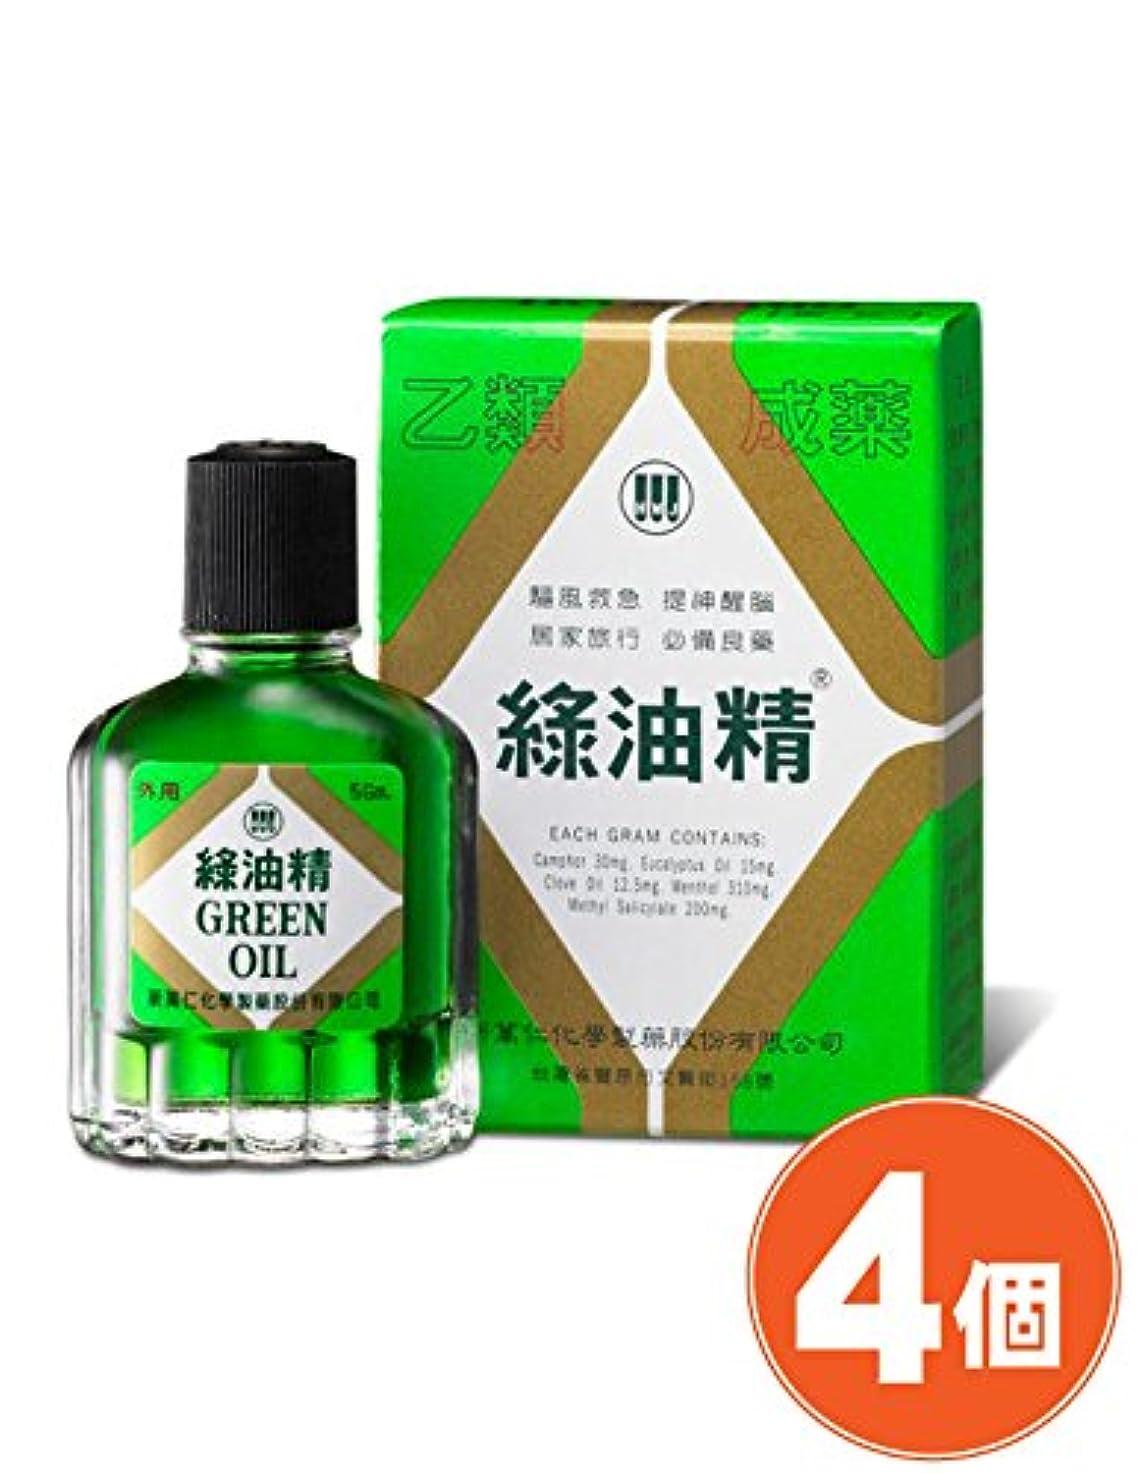 《新萬仁》台湾の万能グリーンオイル 緑油精 5g ×4個 《台湾 お土産》 [並行輸入品]